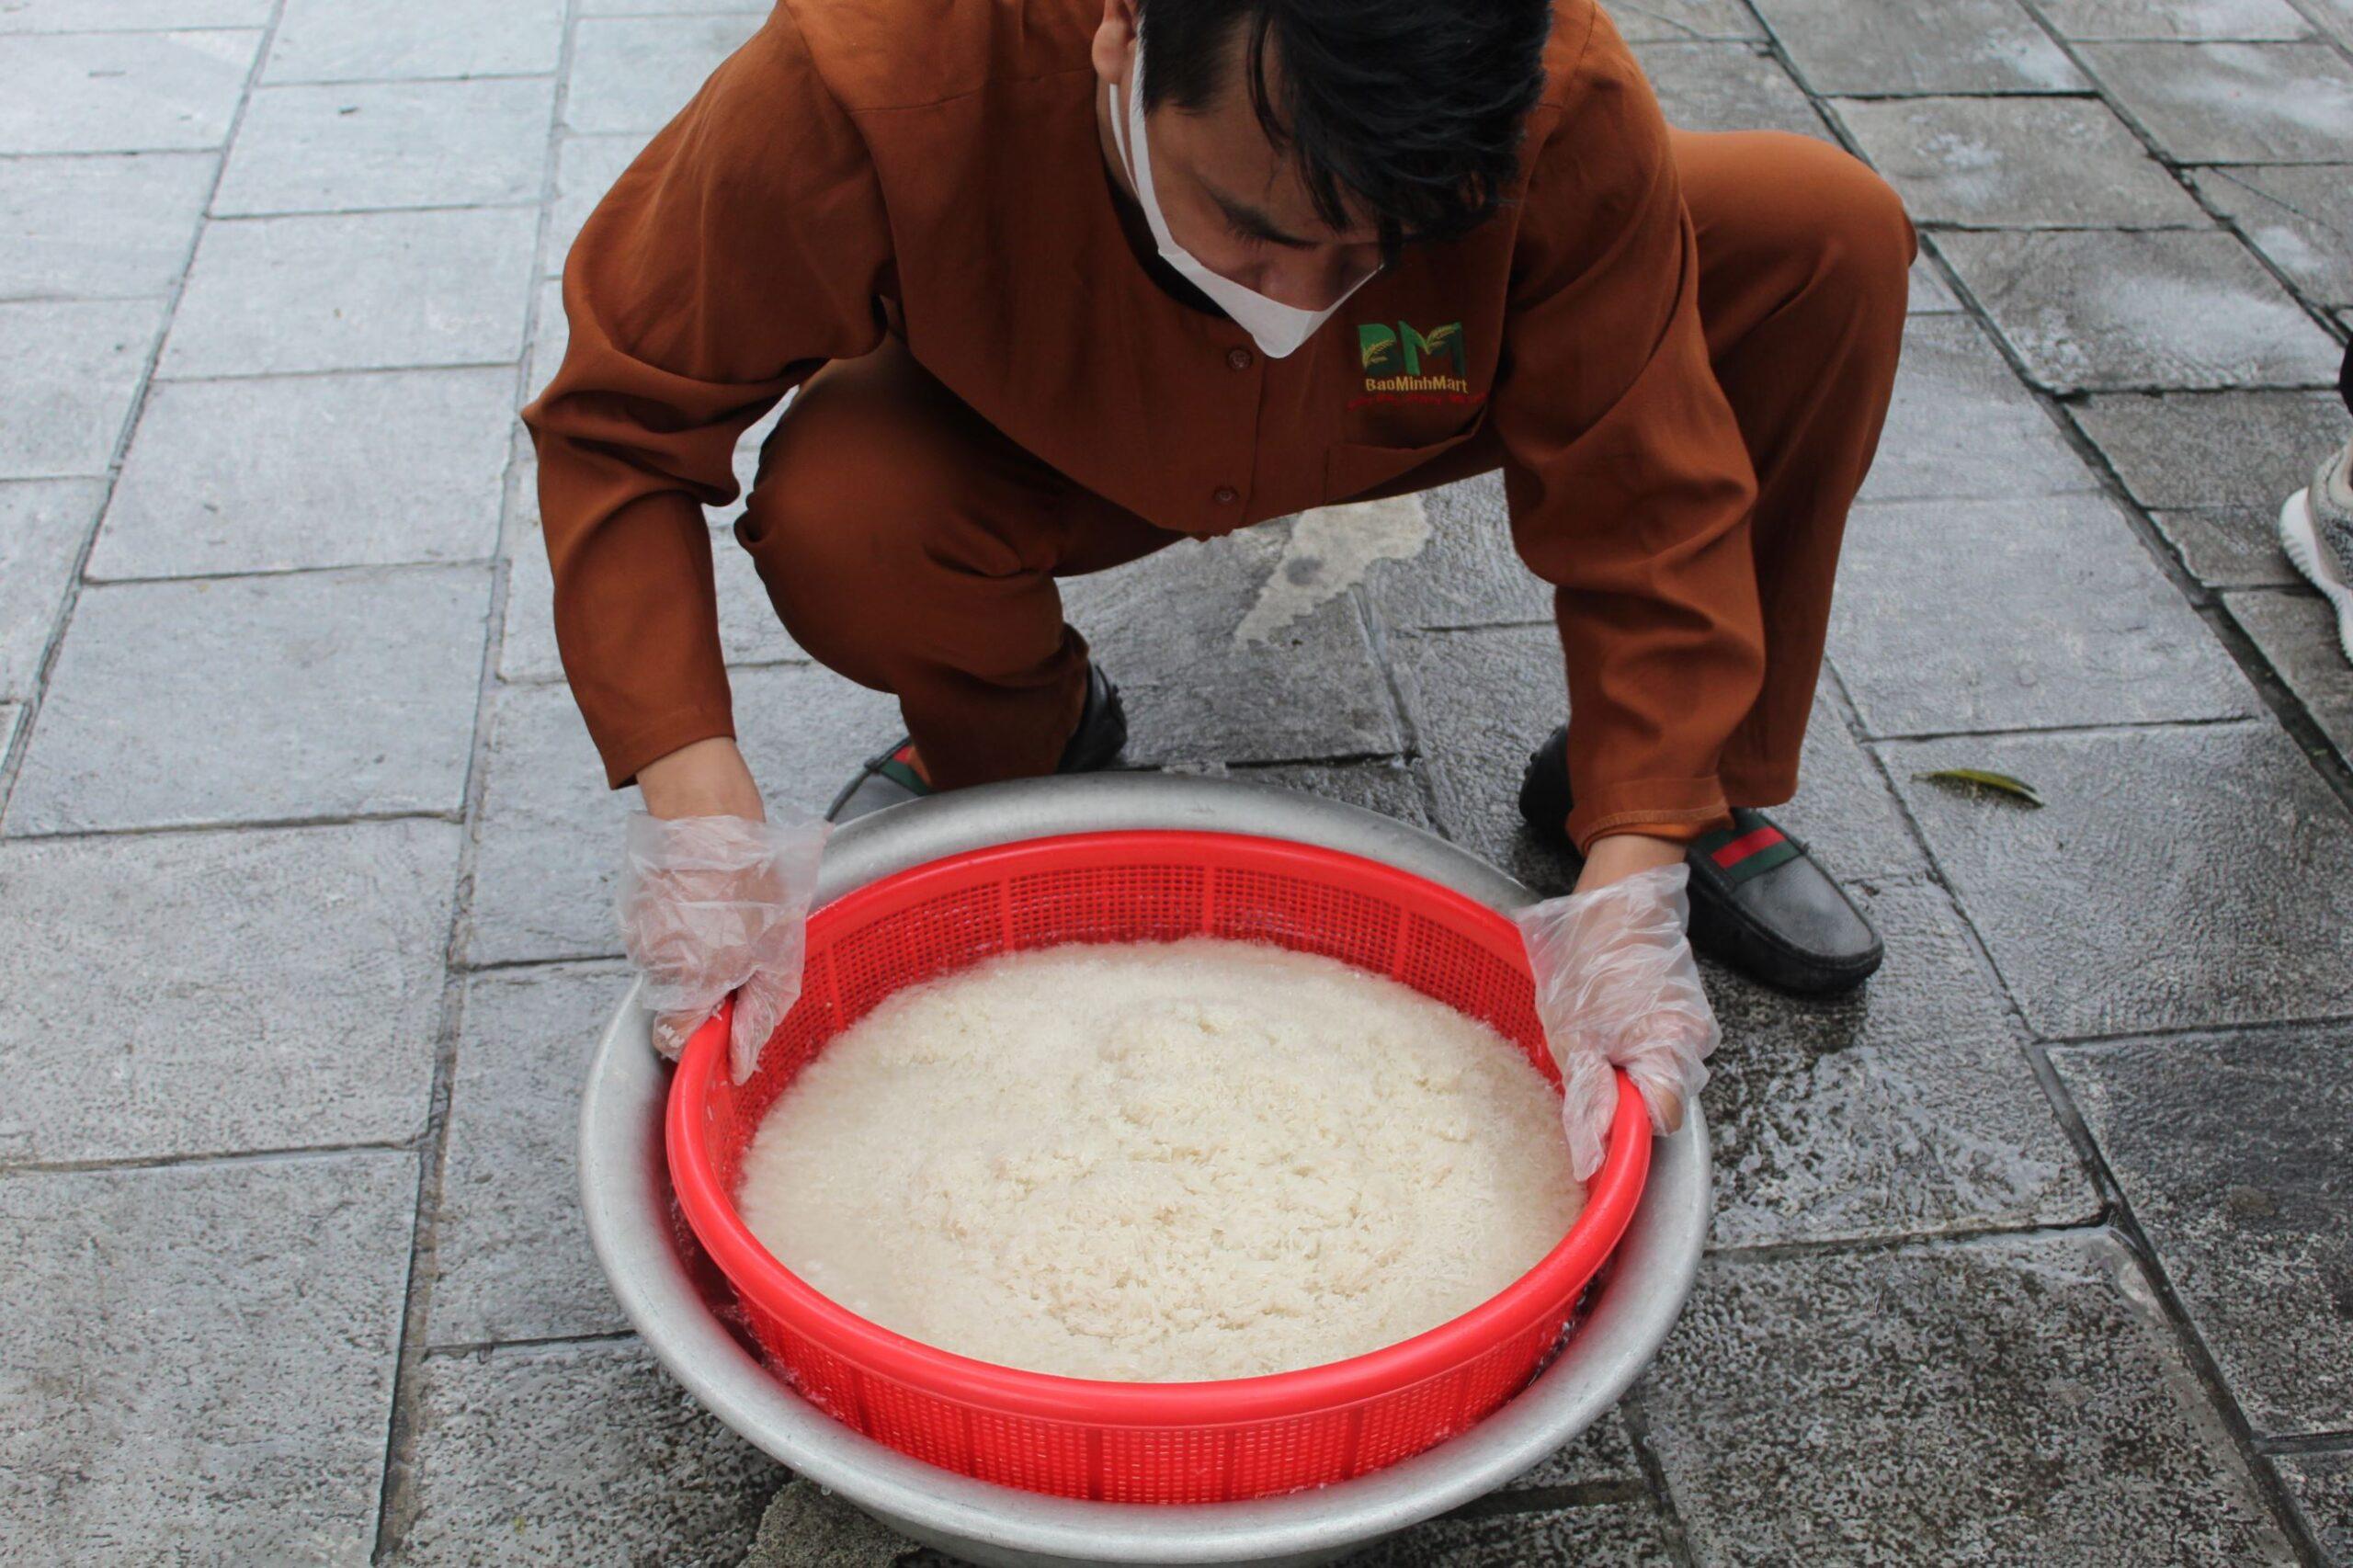 Ban tổ chức tiến hành vo 100kg gạo (mỗi rổ như trong ảnh là 9kg) để chuẩn bị nấu cơm.